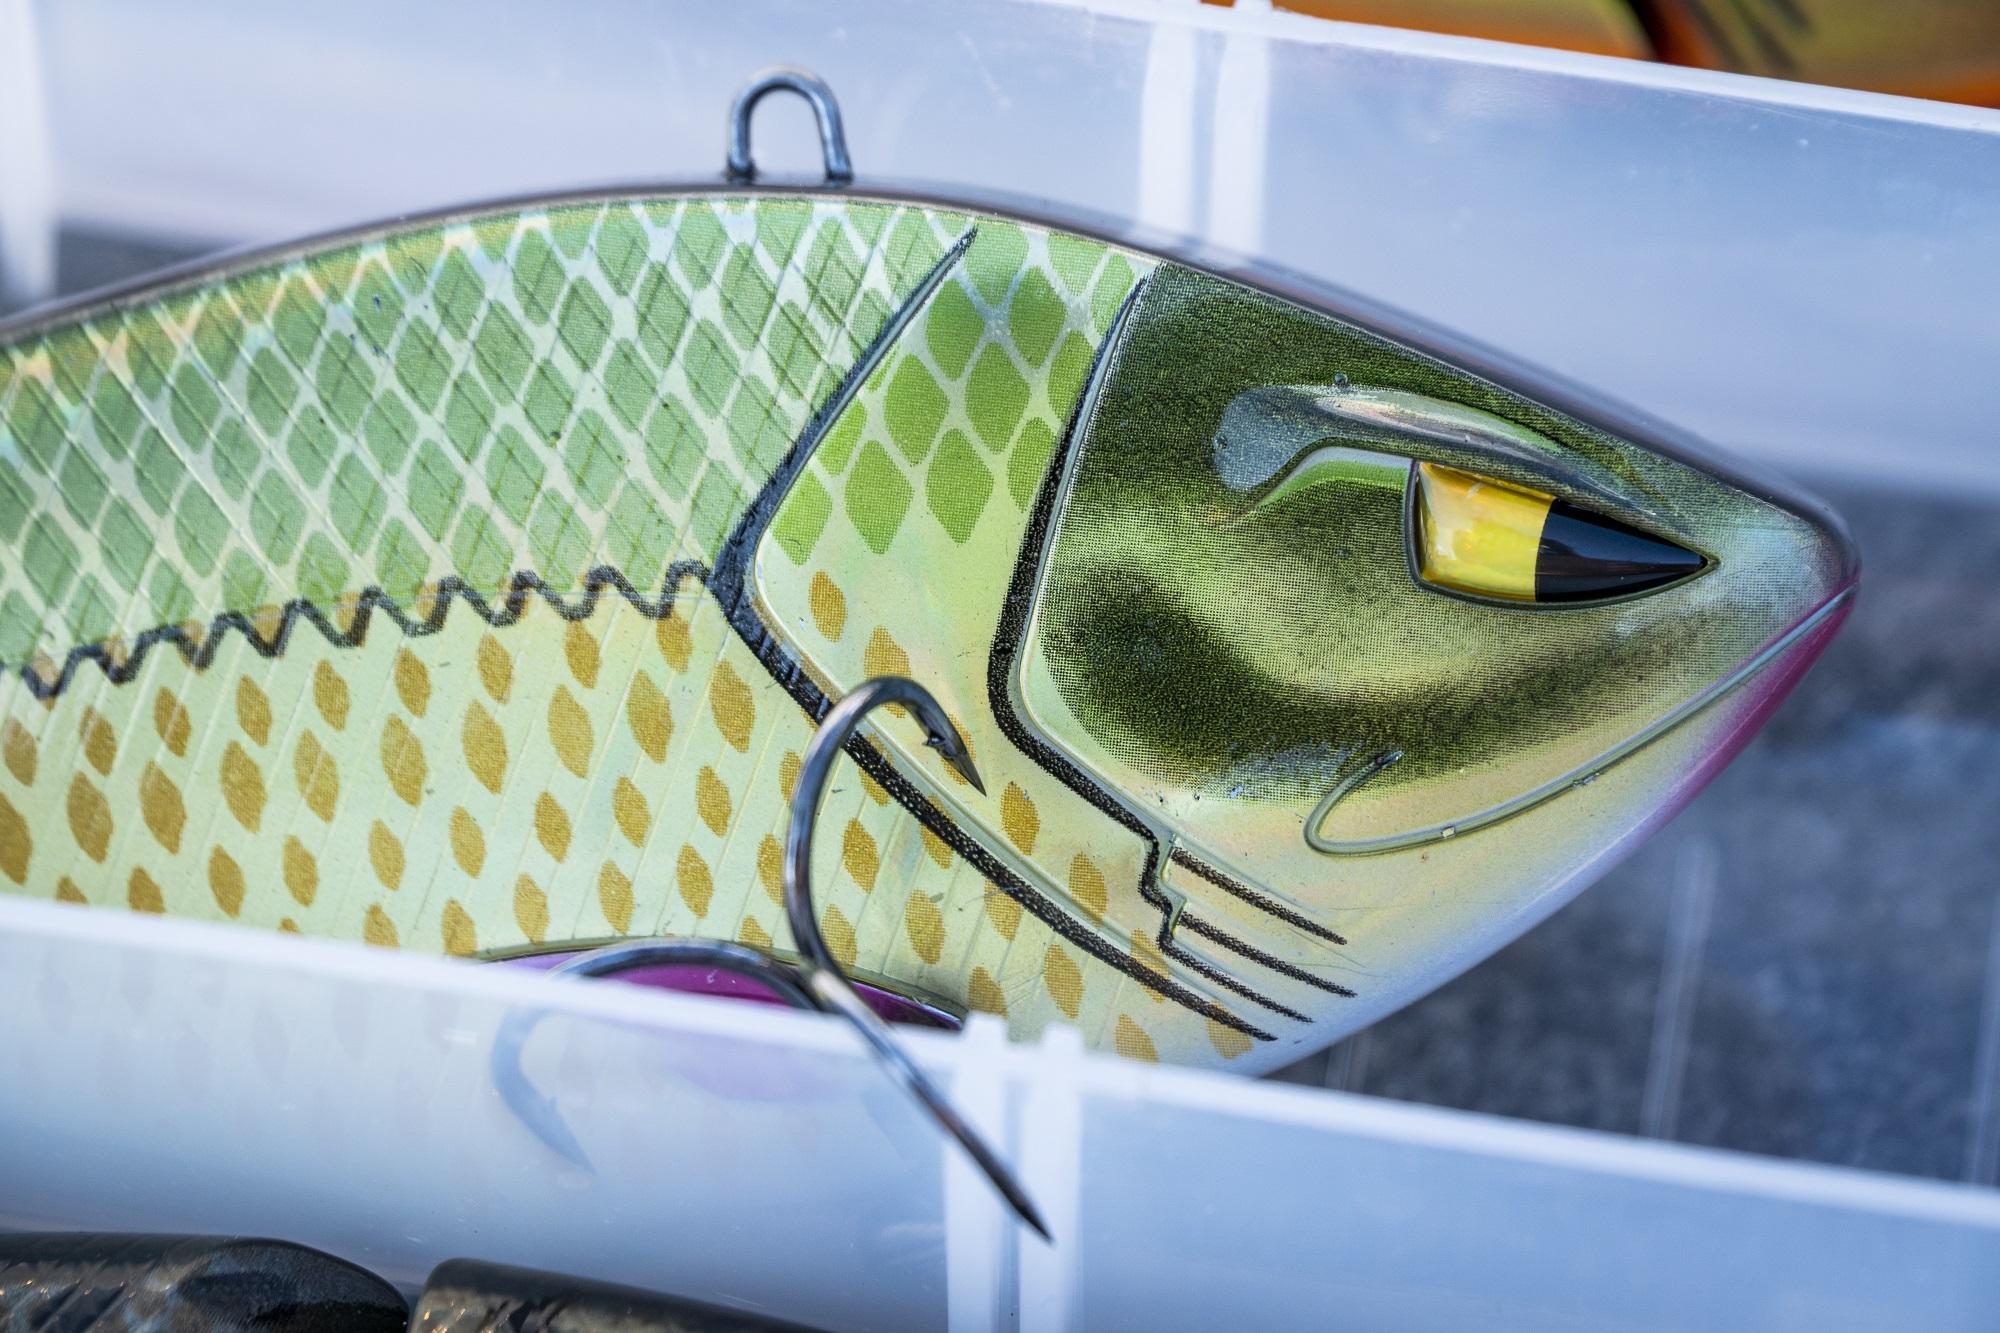 Die Konstruktion vom Crankbait ist extrem stabil, sodass auch große Raubfische sicher gelandet werden können